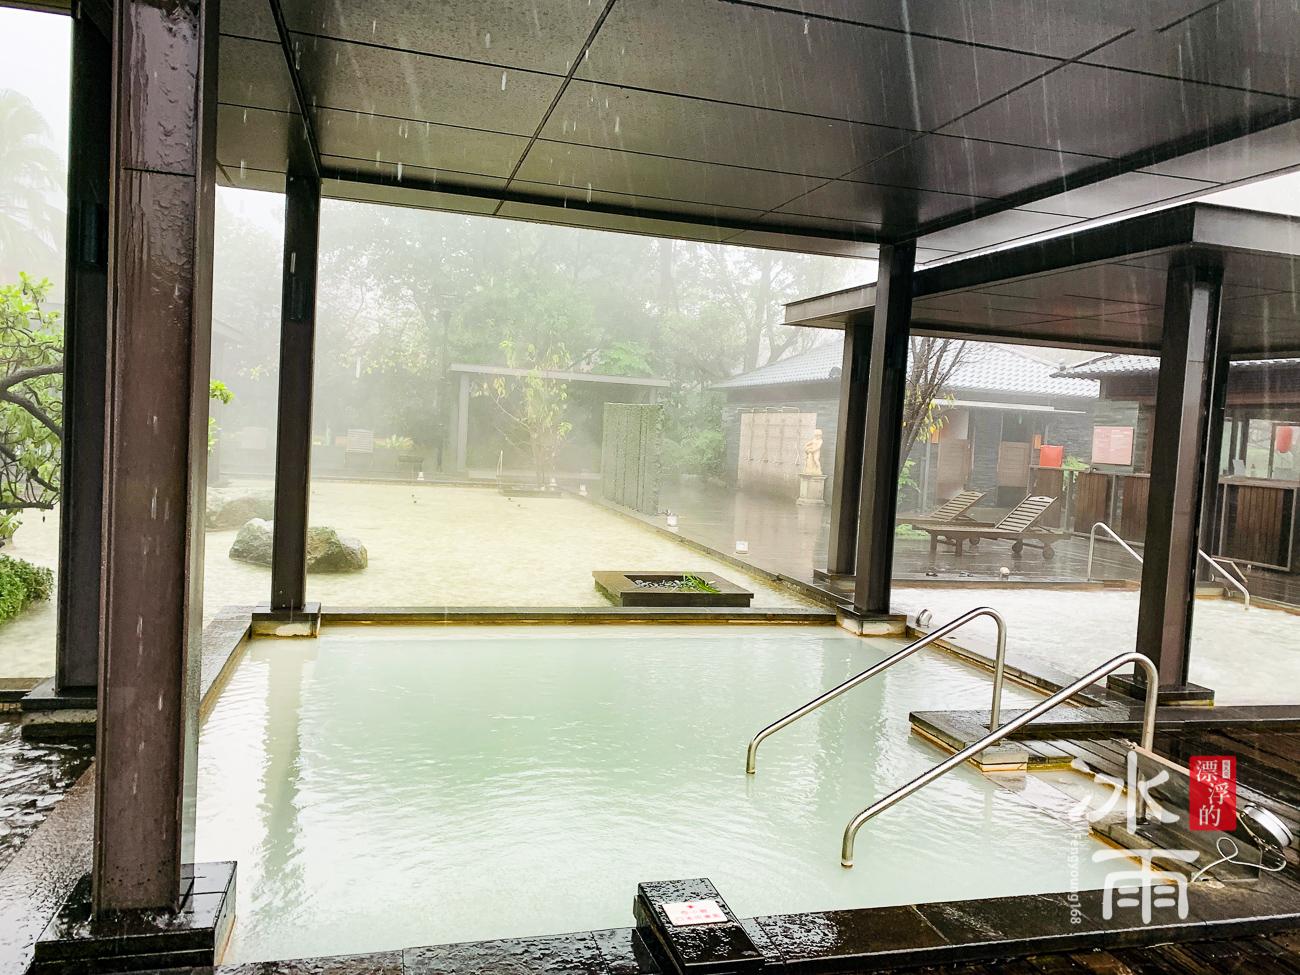 陽明山天籟溫泉會館|露天風呂熱湯區